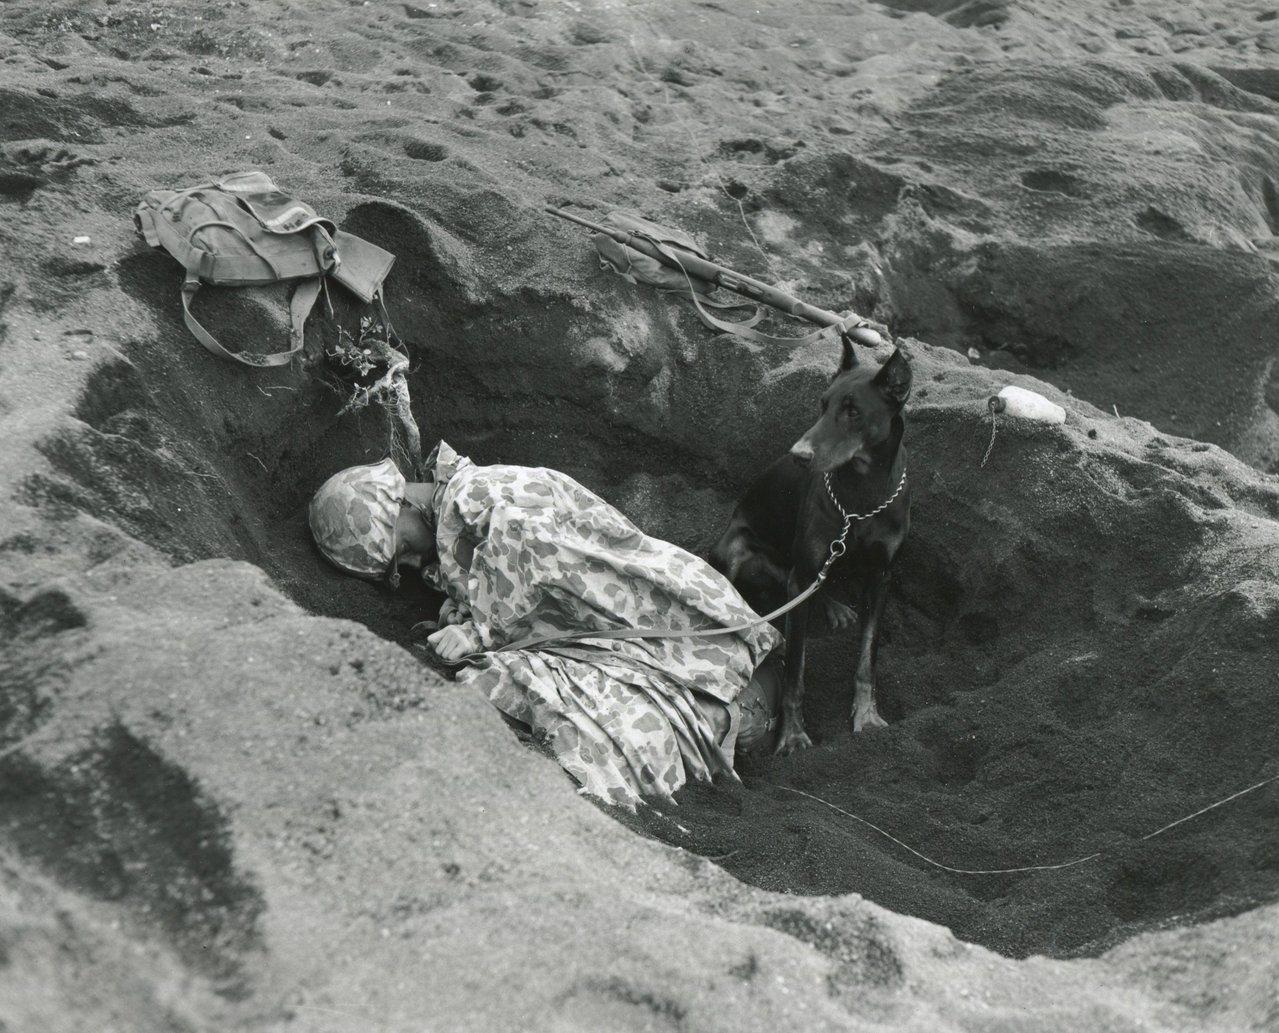 1945年二戰硫磺島戰役中,戰狗曾跟隨美軍陸戰隊出生入死。 (美聯社資料照片)